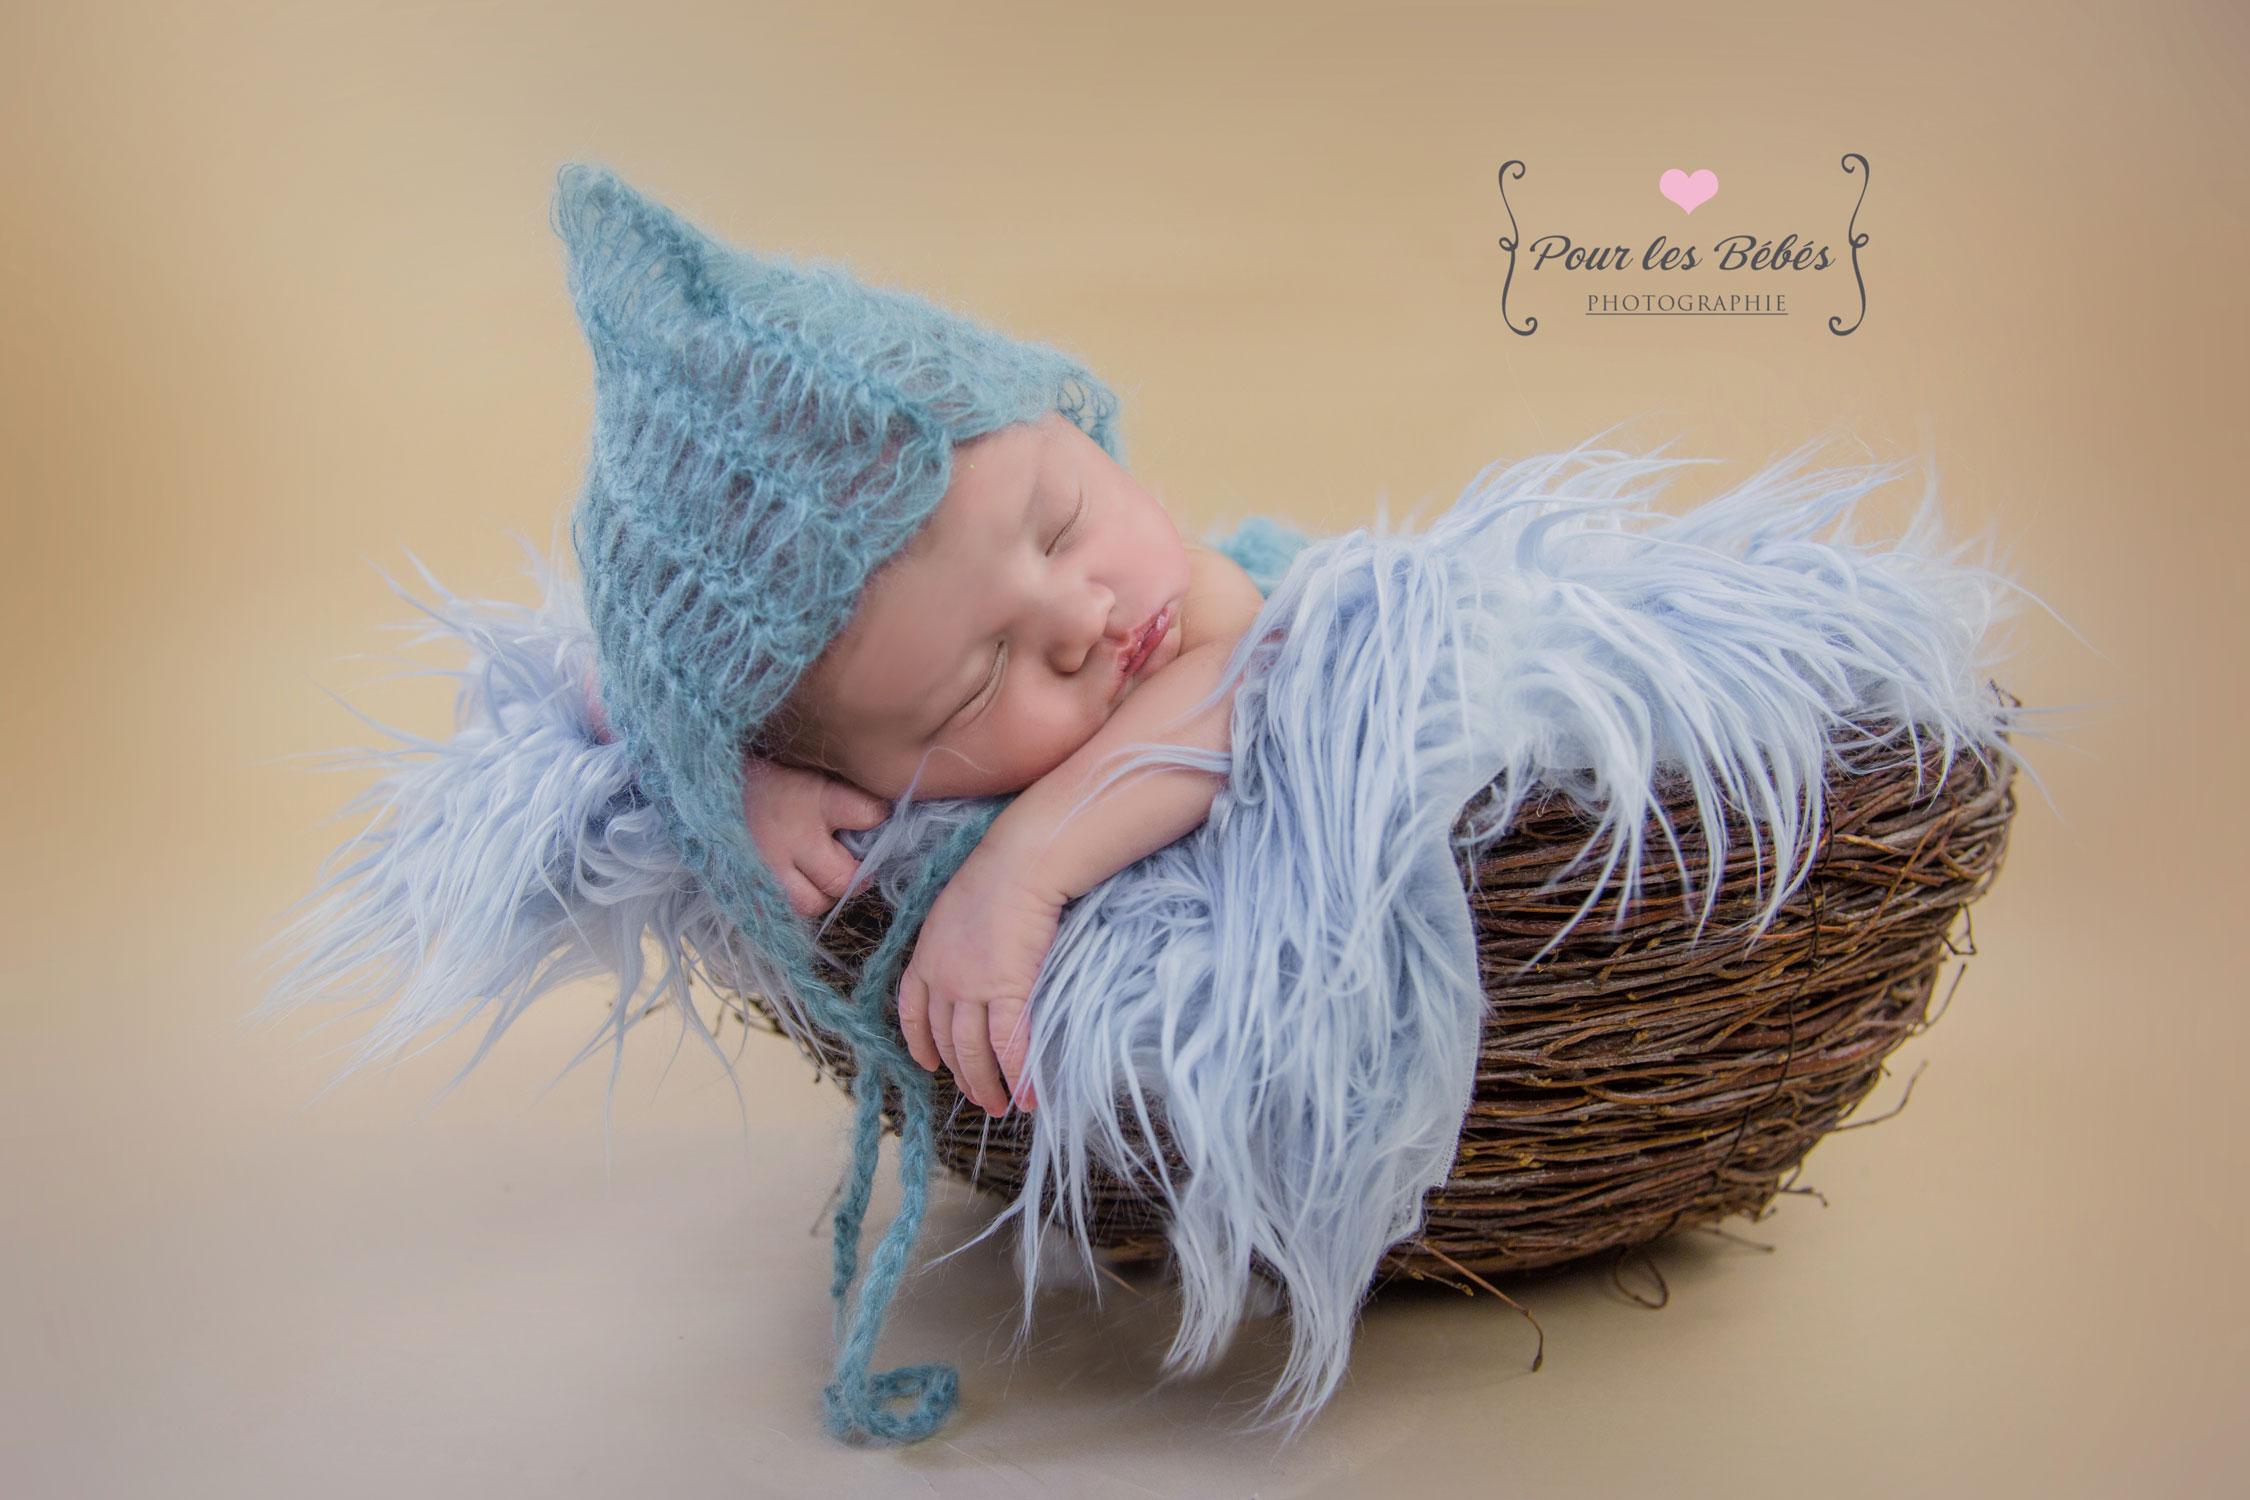 photographe-studio-nouveau-né-famille-enfance-bébé-nourrisson-grossesse-montpellier-nimes-lunel-mauguio-sommières-238